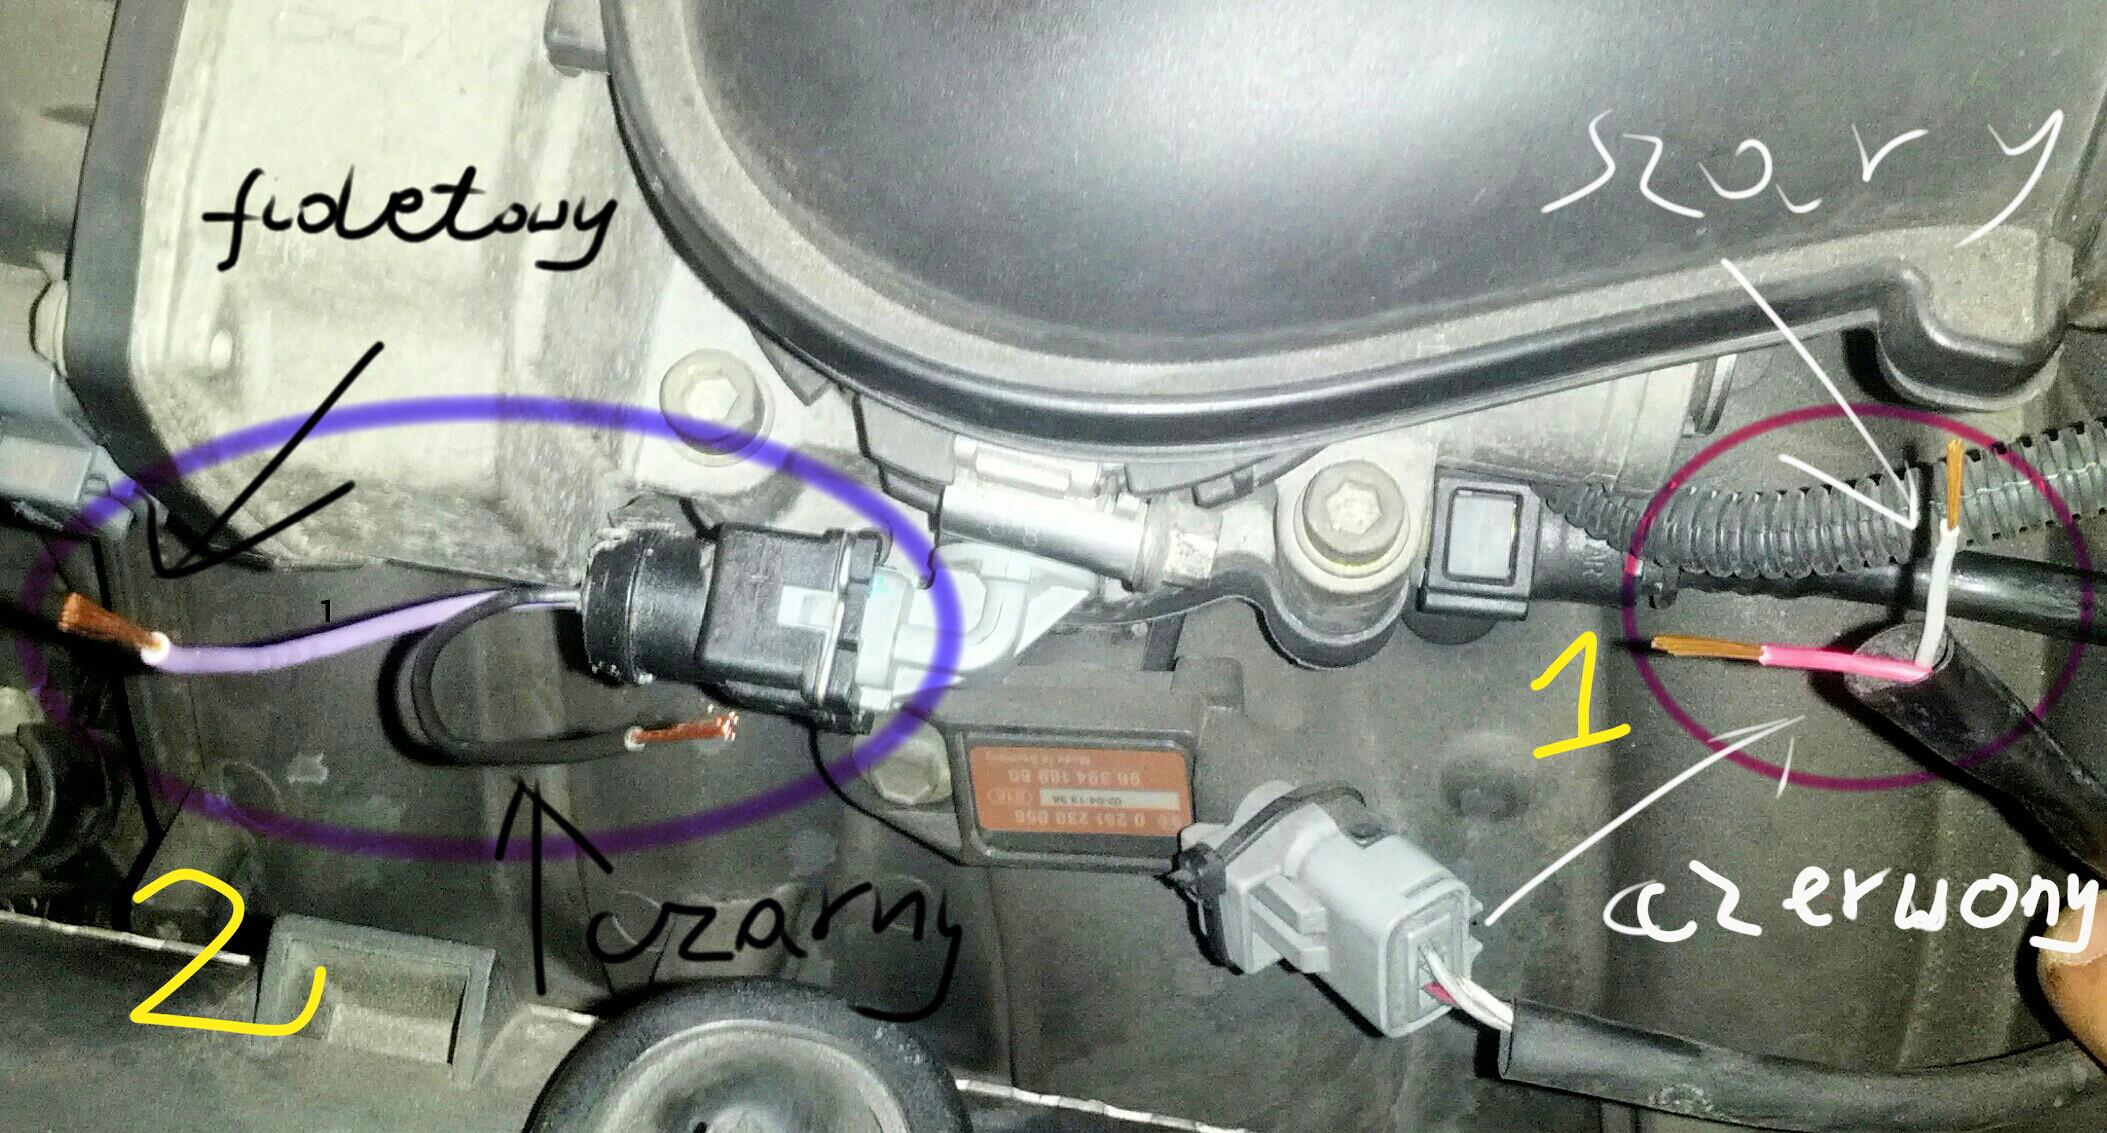 Peugeot 307 2.0 16v XSI r�ne kolory przewod�w czujnika temperatury powietrza